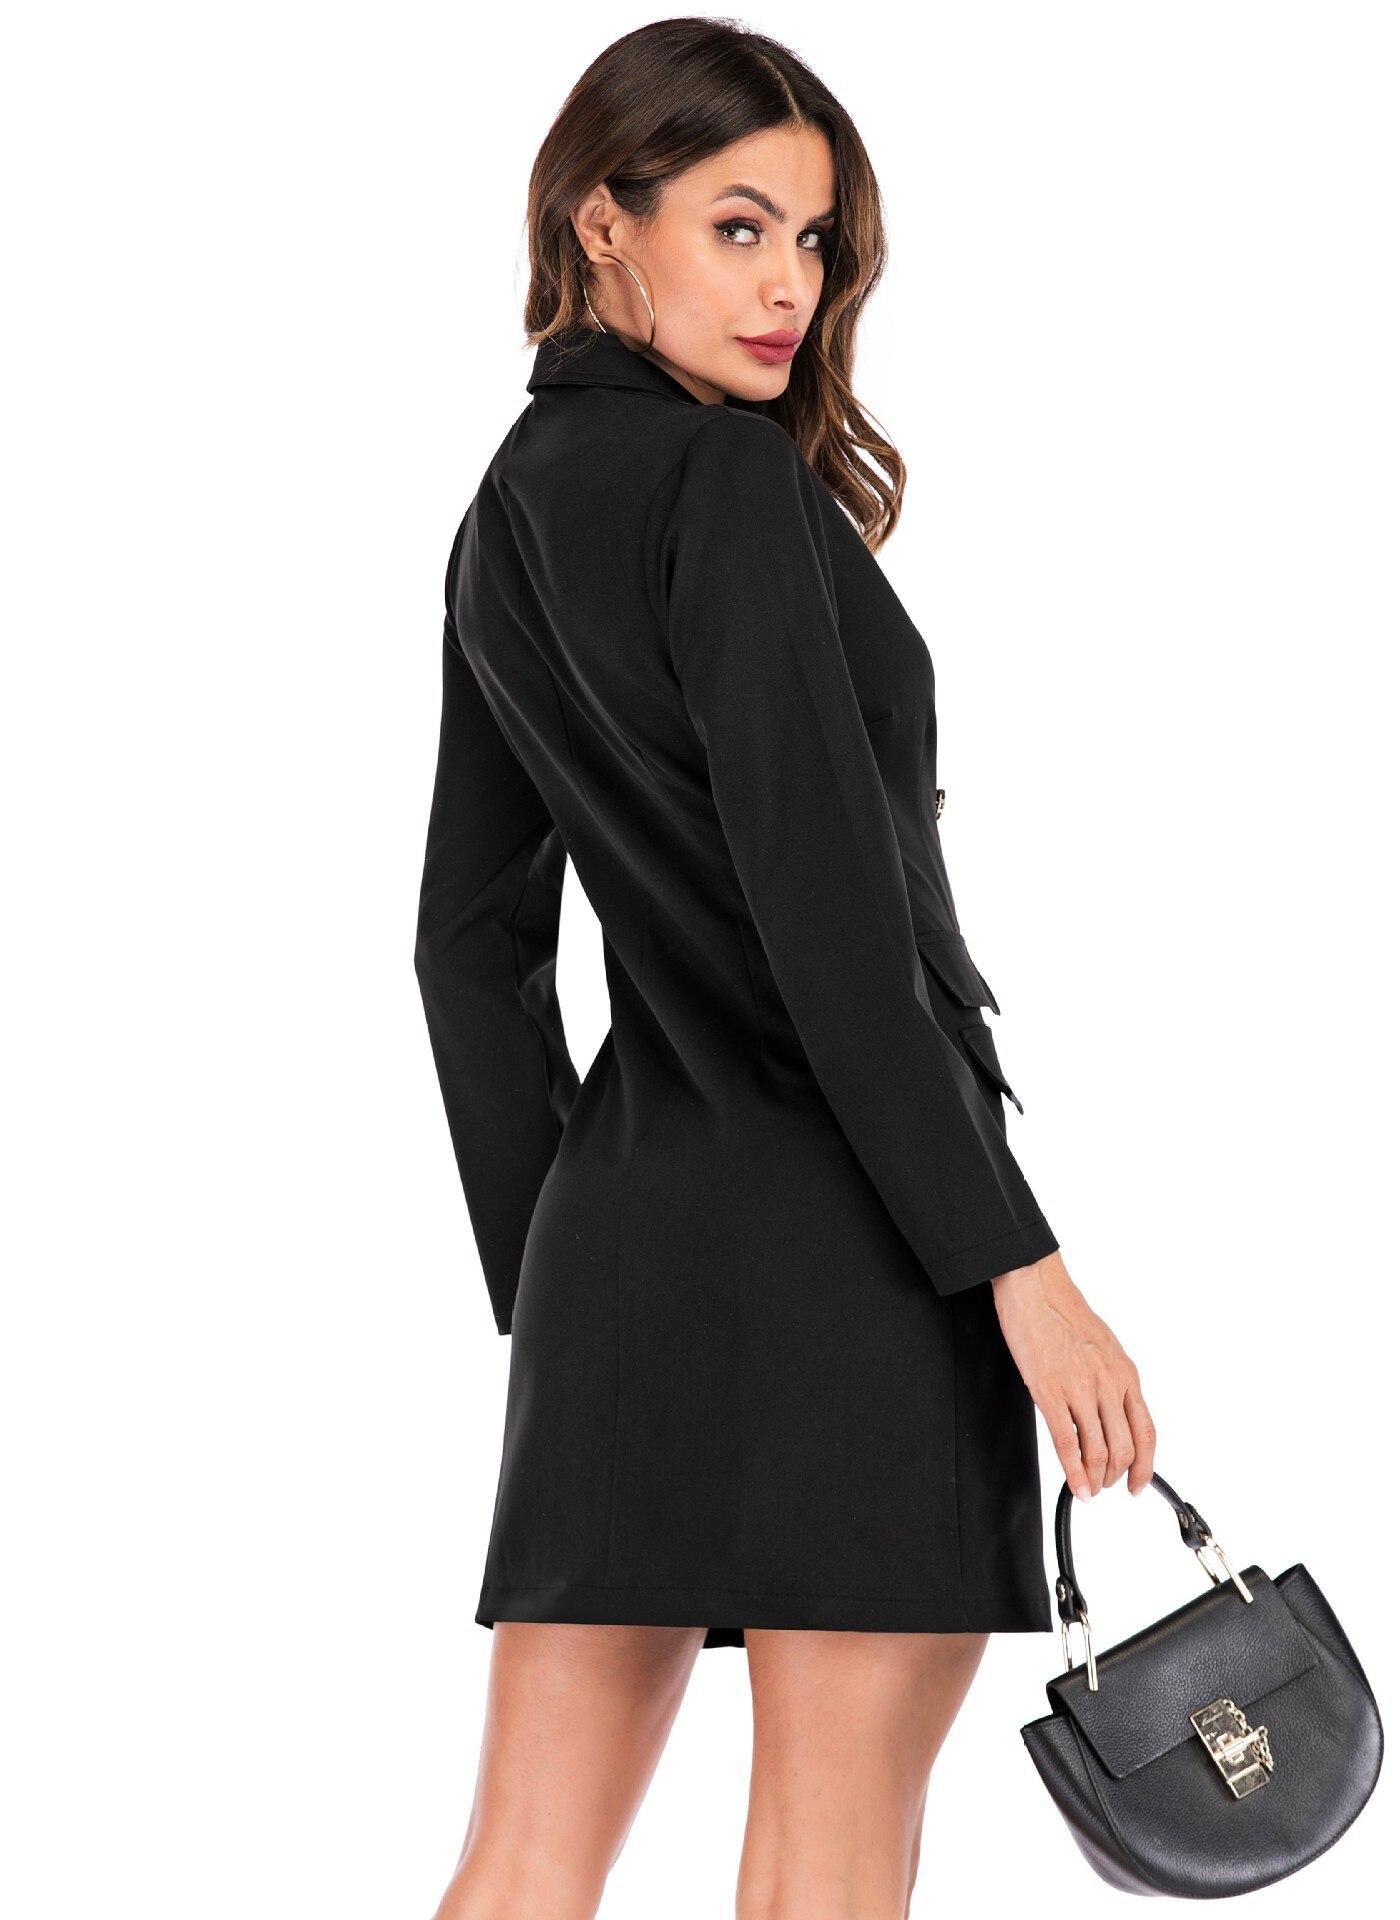 Rising On Spring Women Blazer Coat New Casual Jacket long for women Work Wear